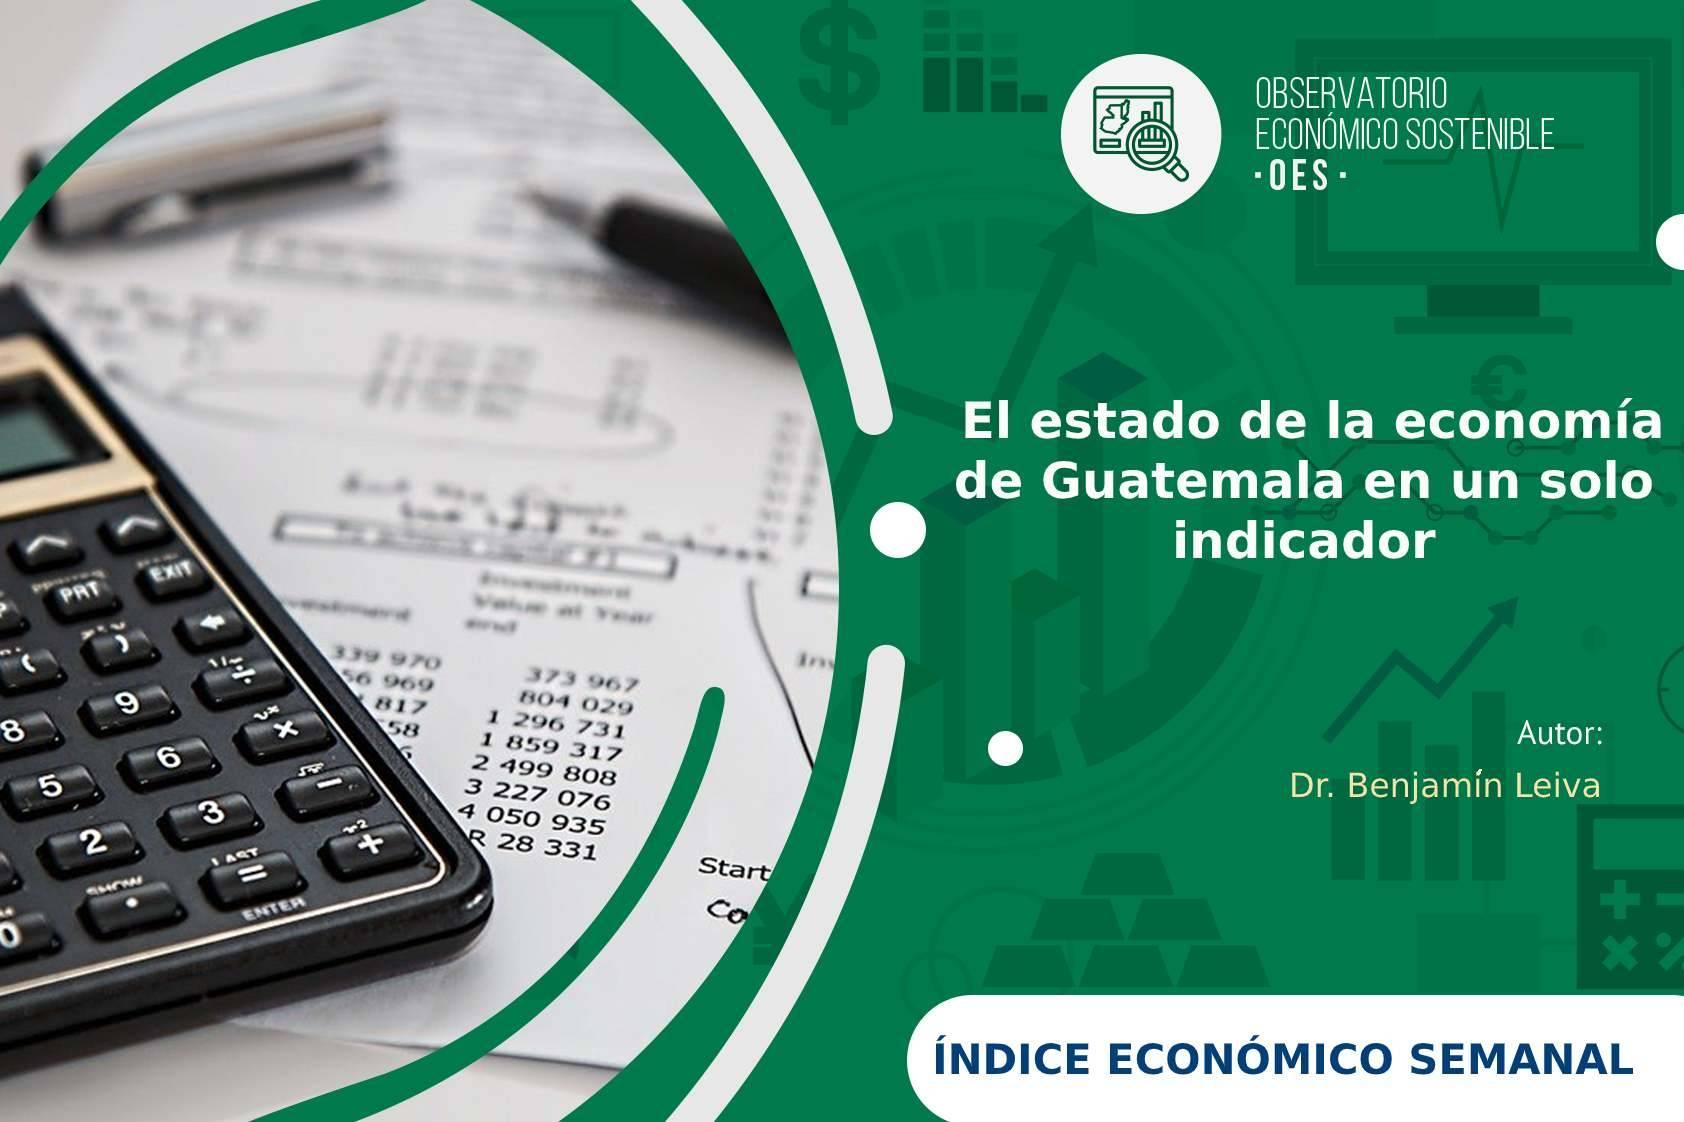 El estado de la economía de Guatemala en un solo indicador